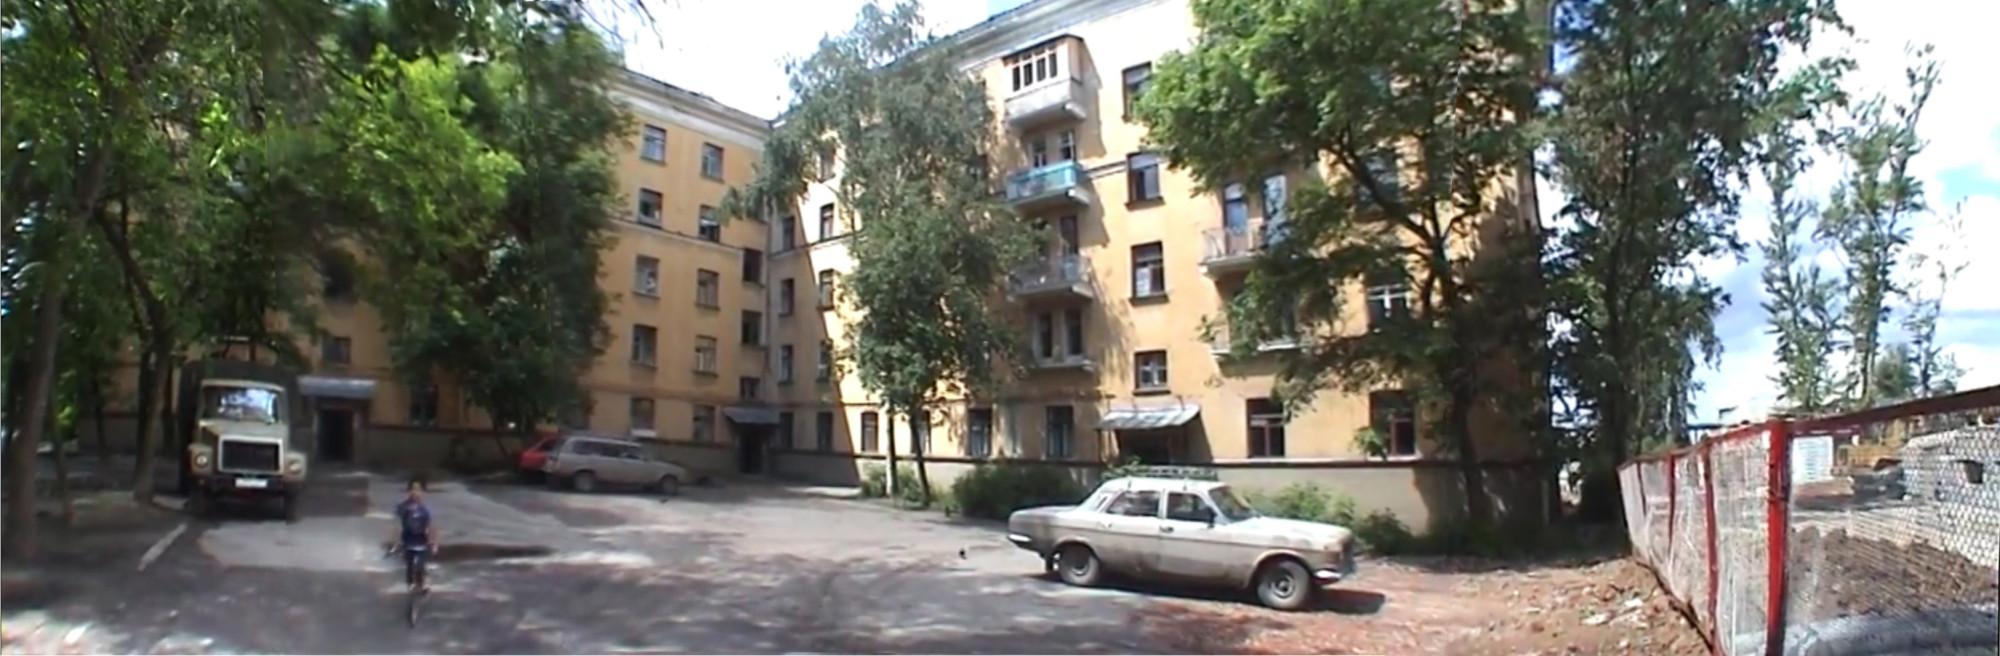 2001 двор Поливановой-Ковшовой1